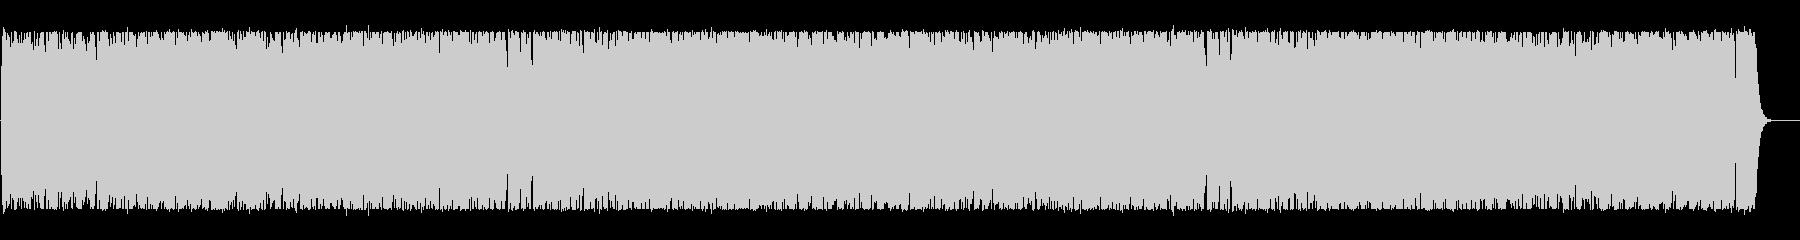 リズミカルで可愛いポップなBGMの未再生の波形